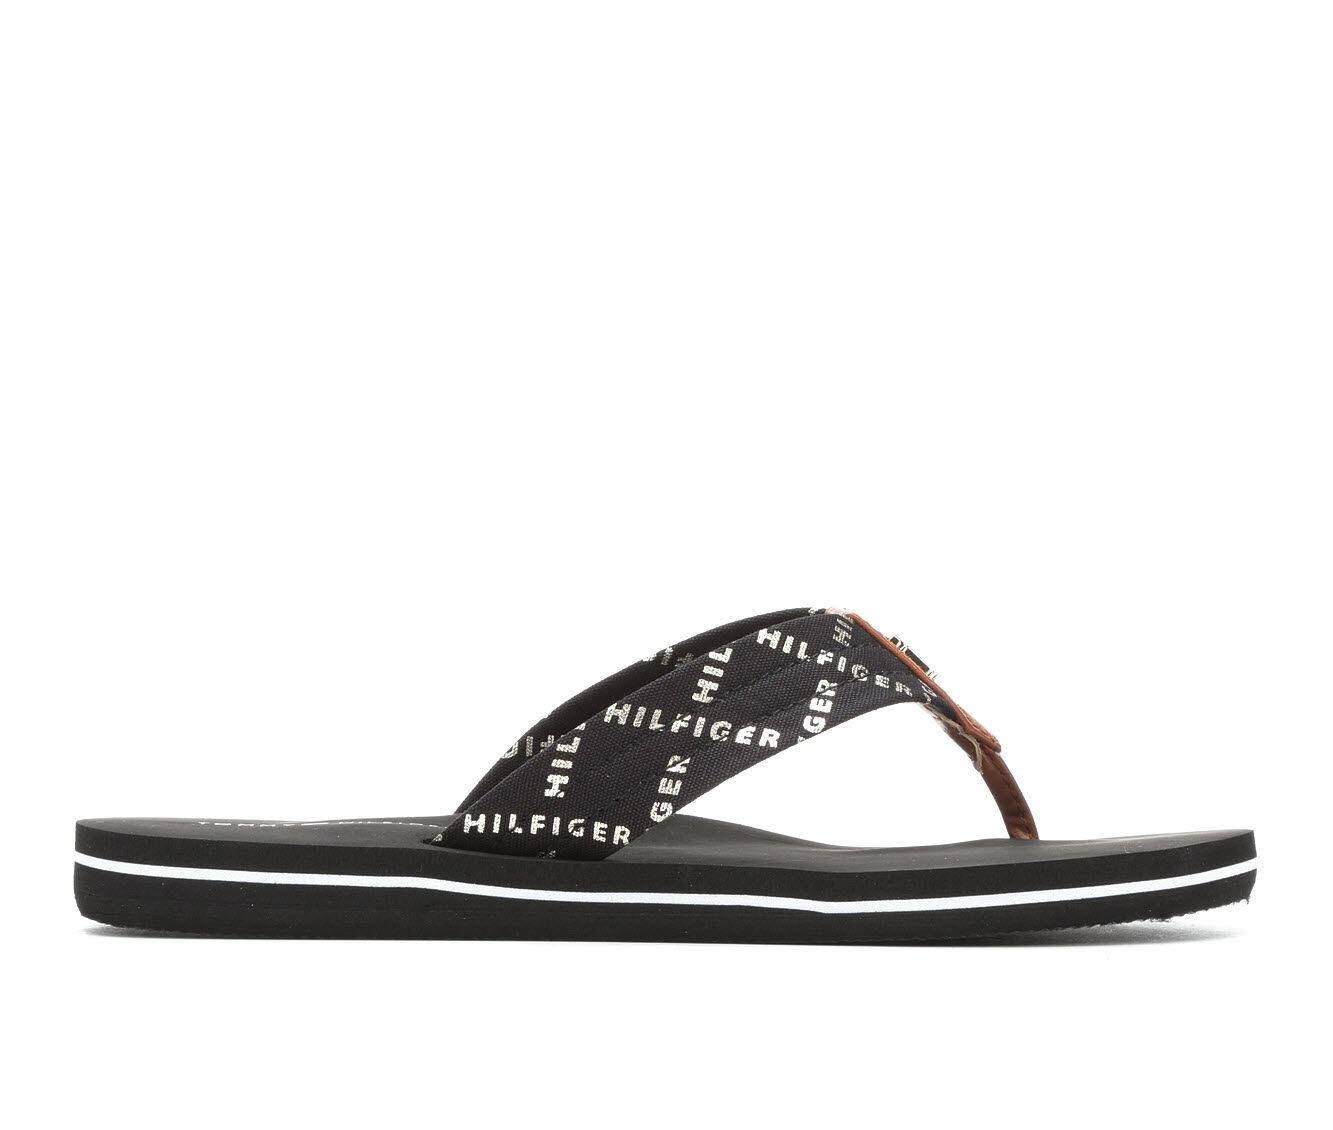 Women's Tommy Hilfiger Carper2 Sandals Black